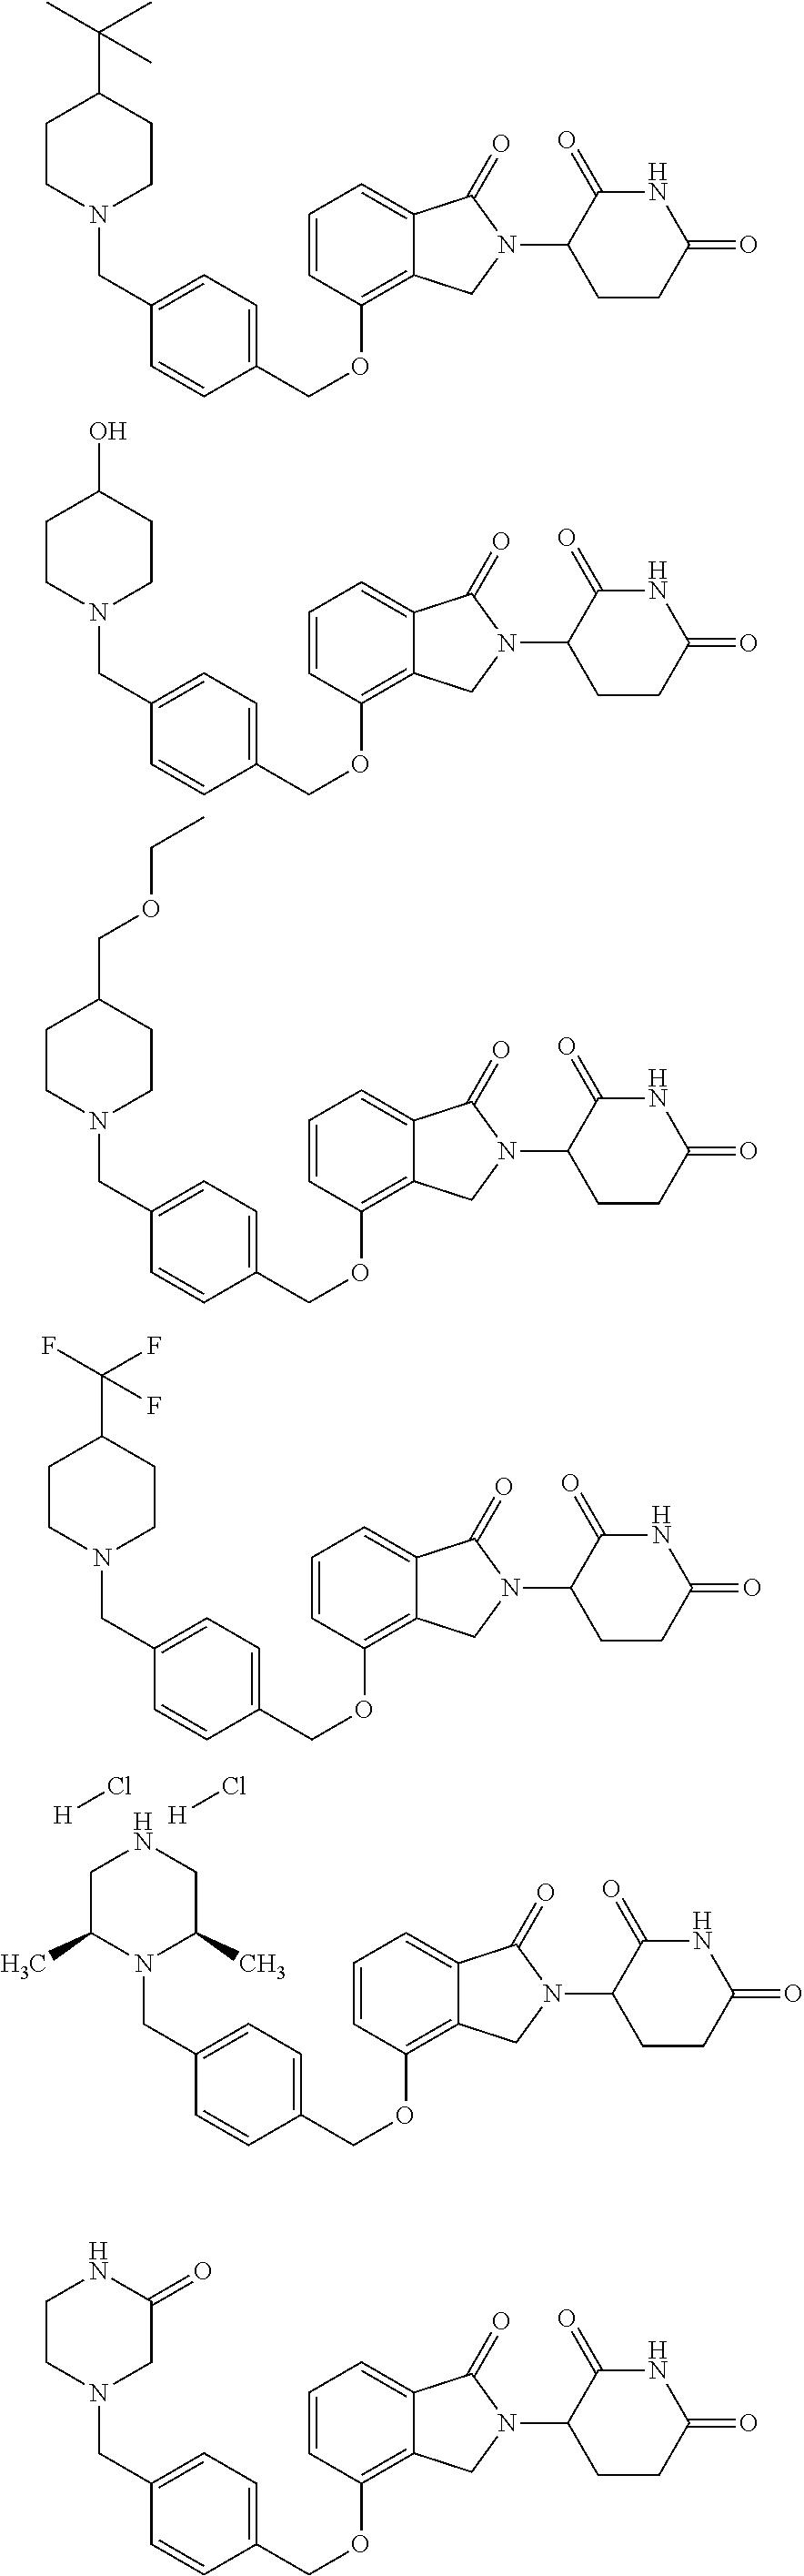 Figure US09822094-20171121-C00038